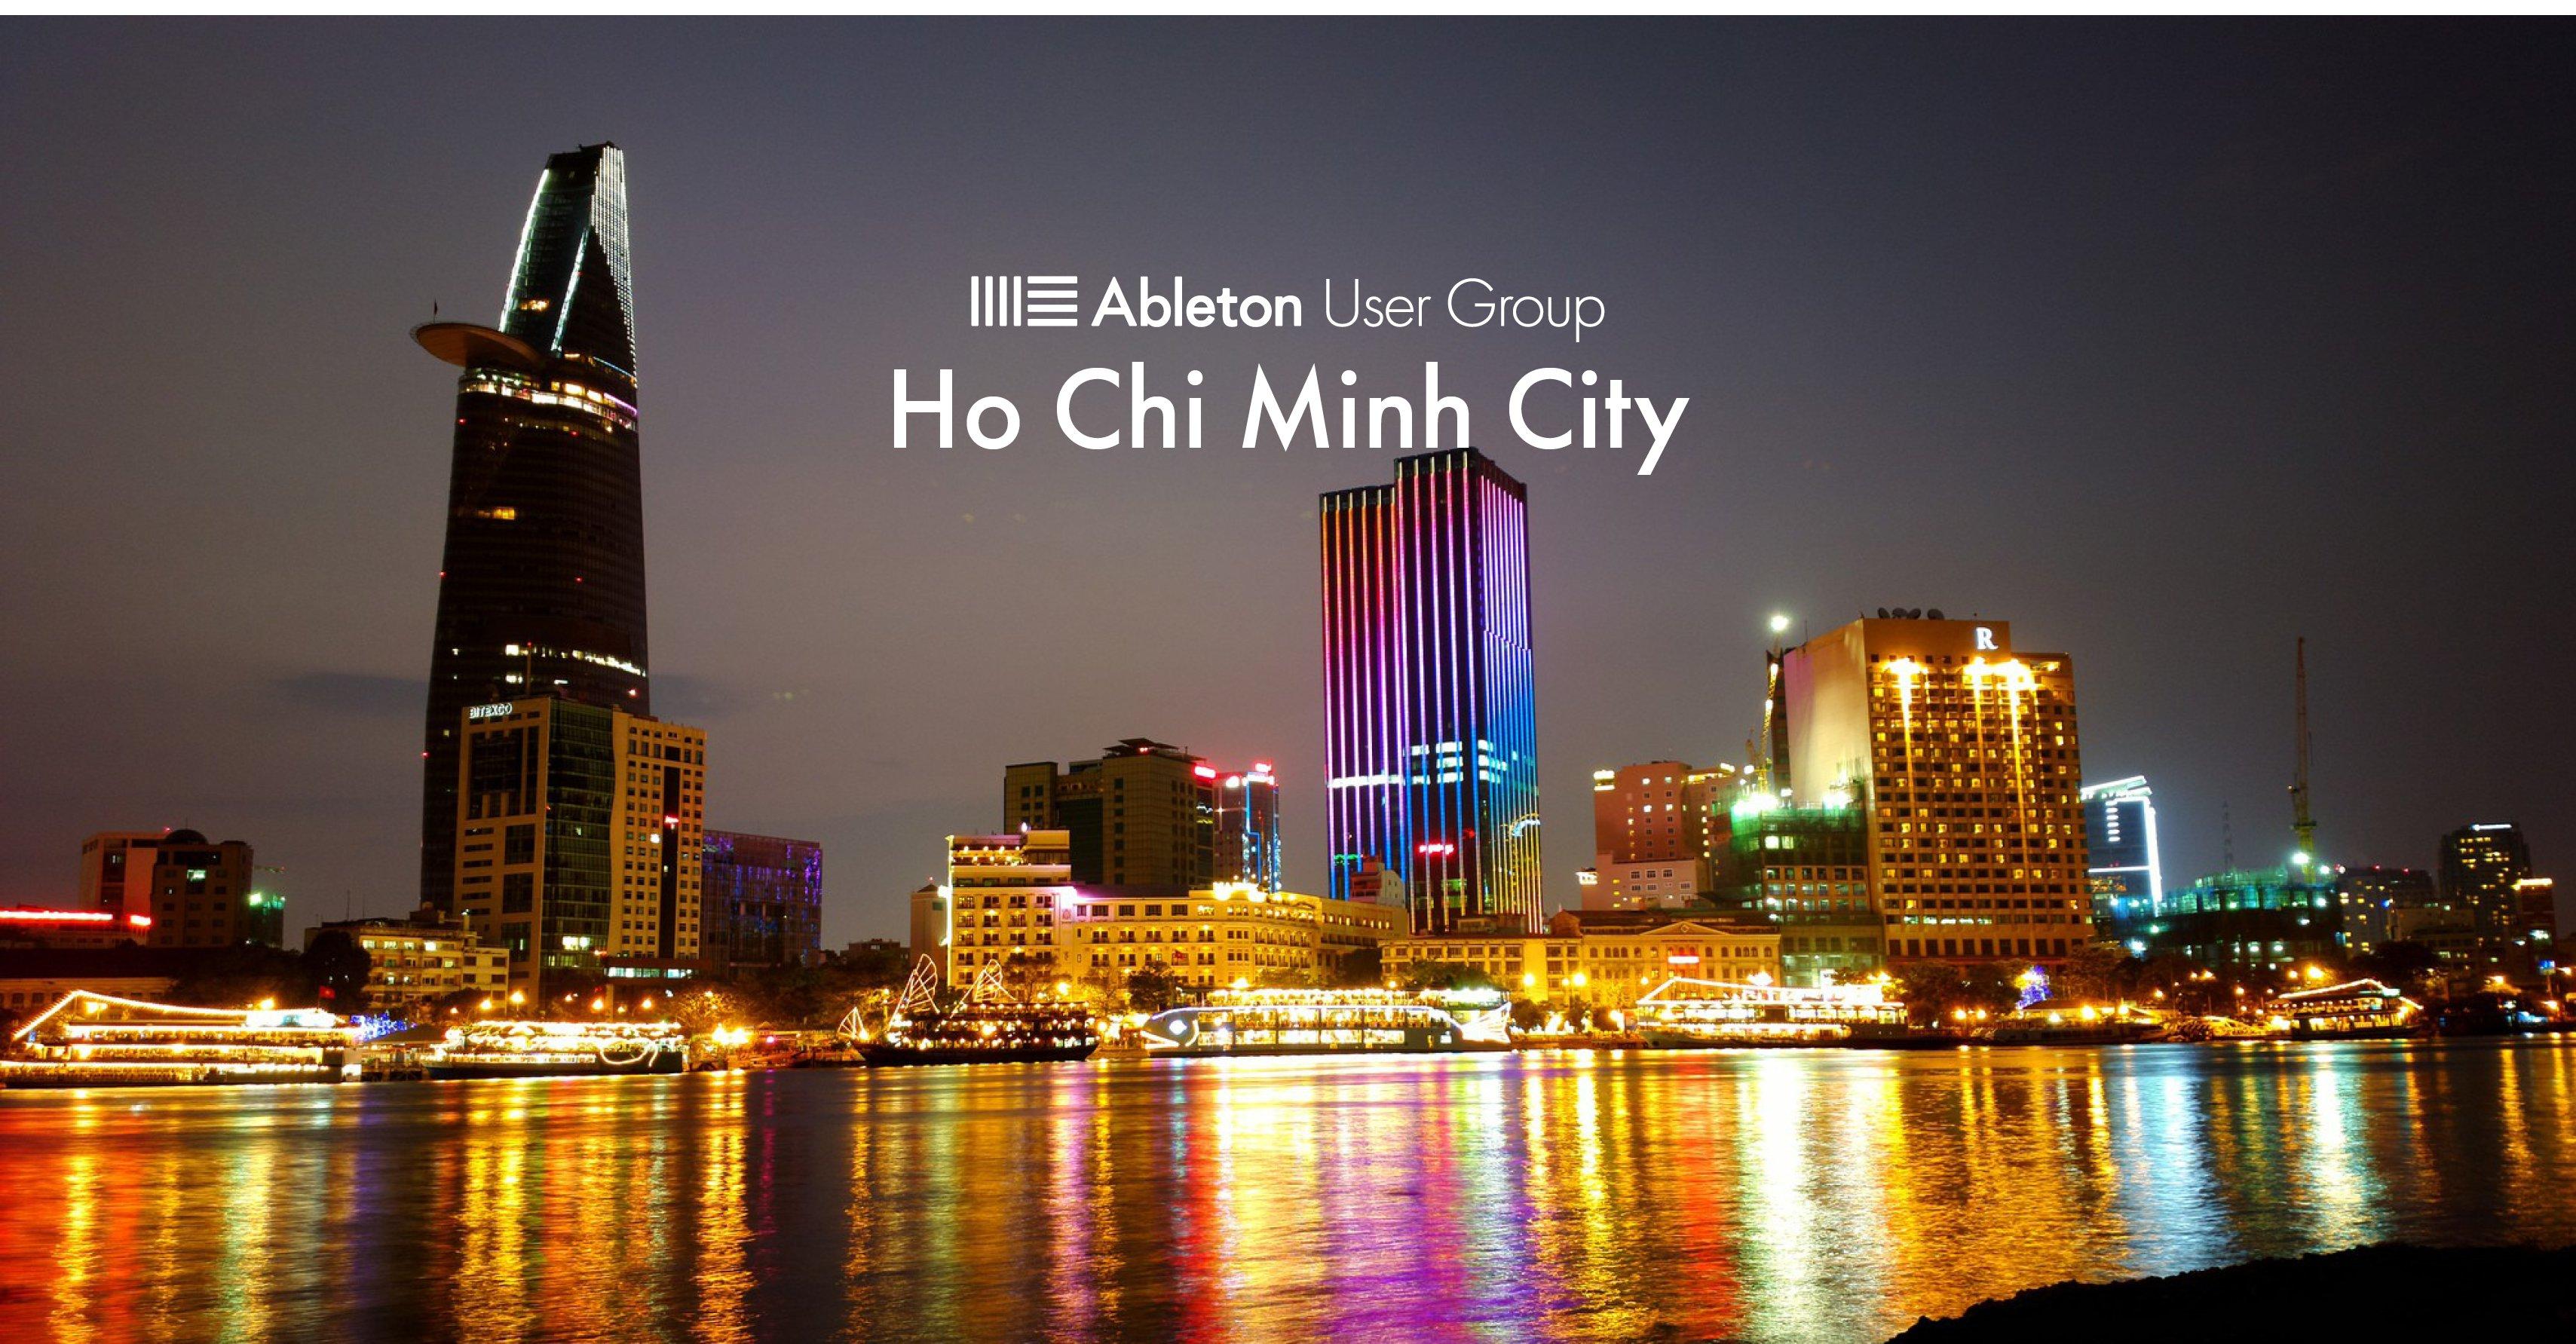 HCMC UG Banner.png